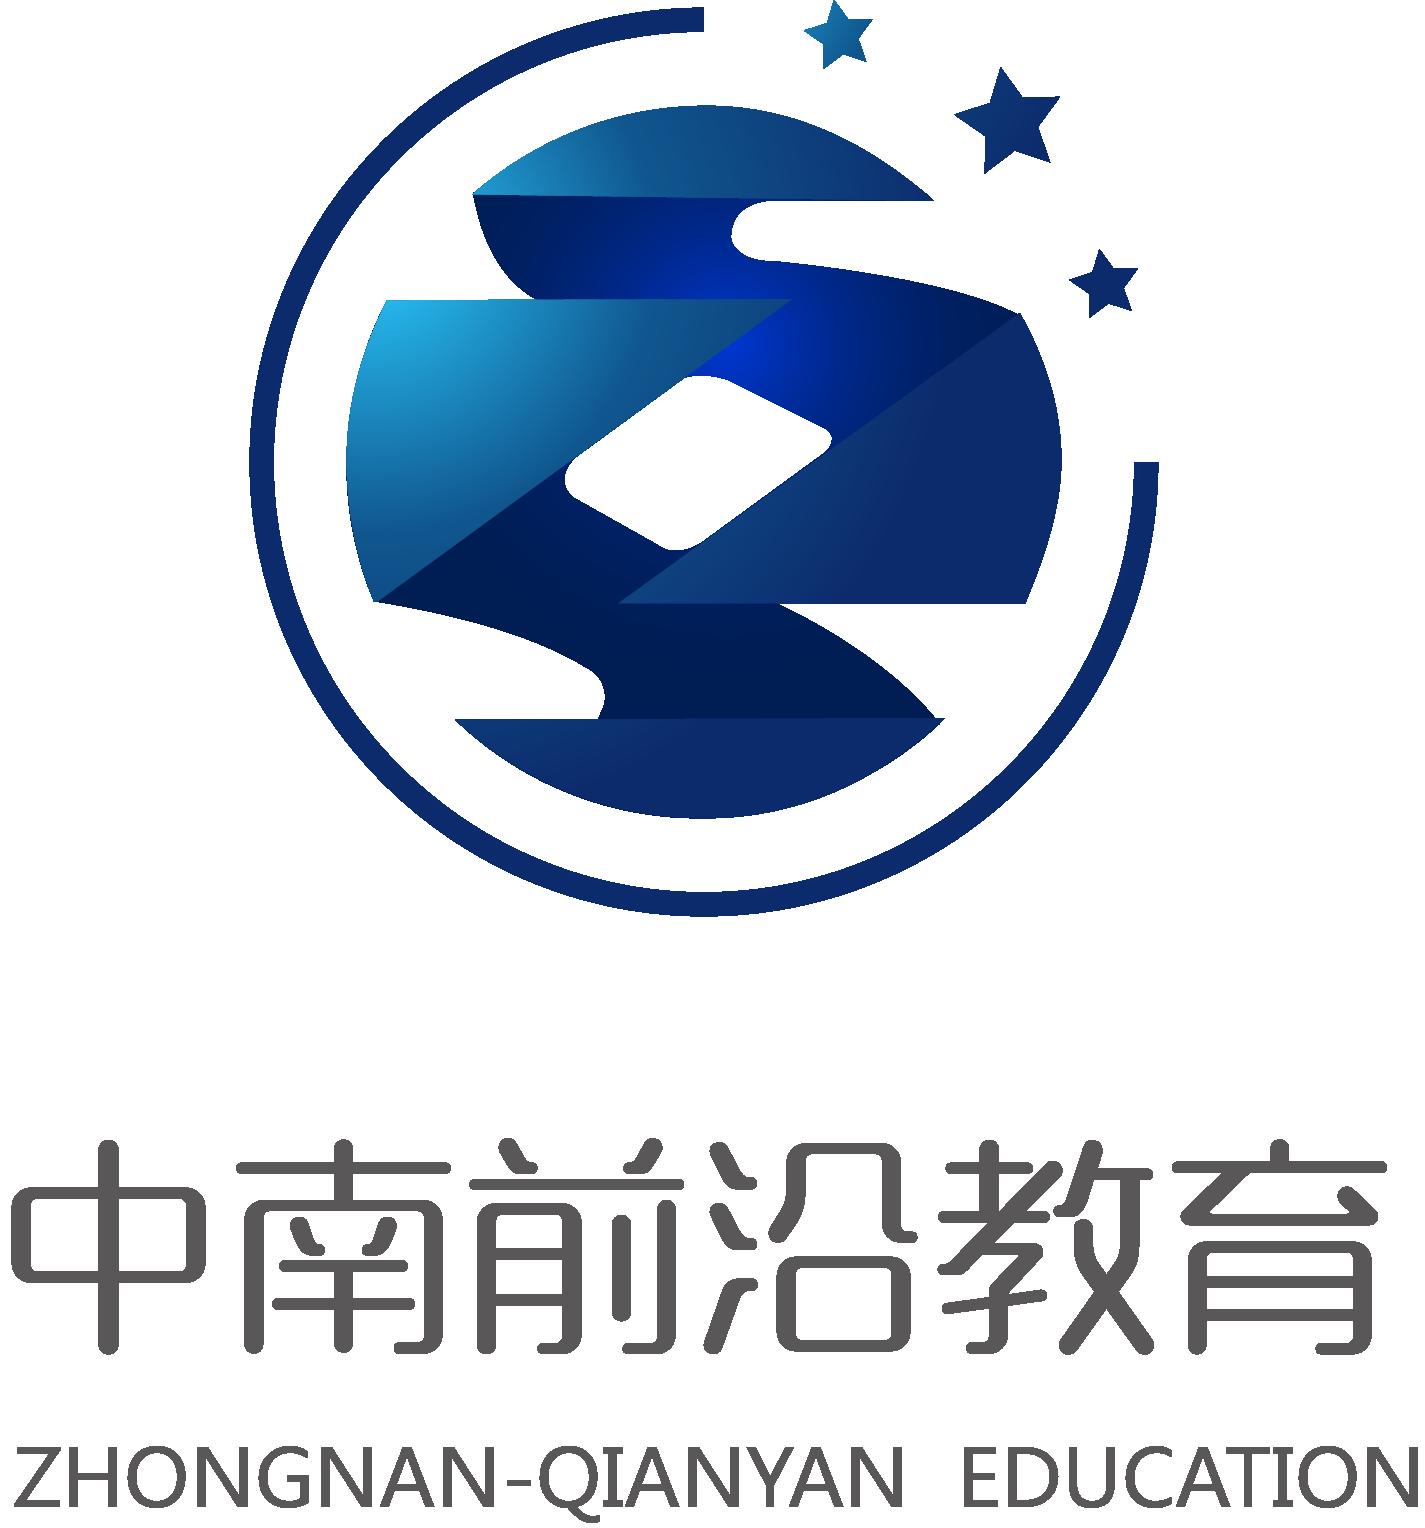 深圳VR培訓公司很多,學生們應該如何抉擇?